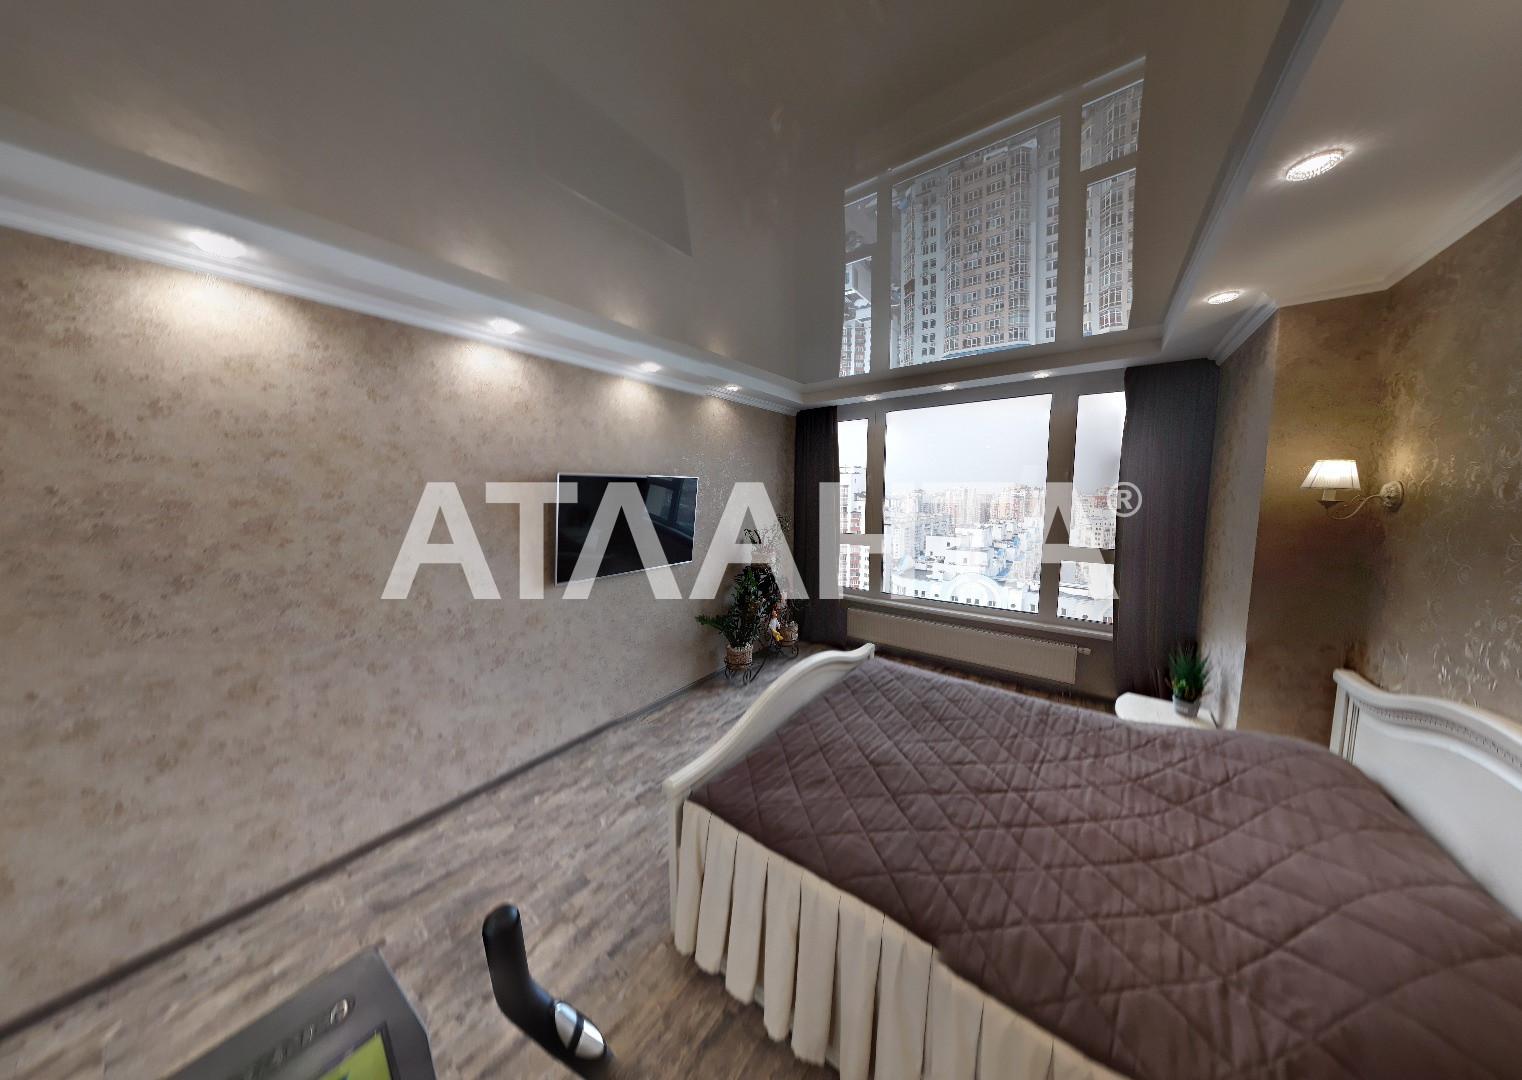 Продается 3-комнатная Квартира на ул. Конева — 165 000 у.е. (фото №9)